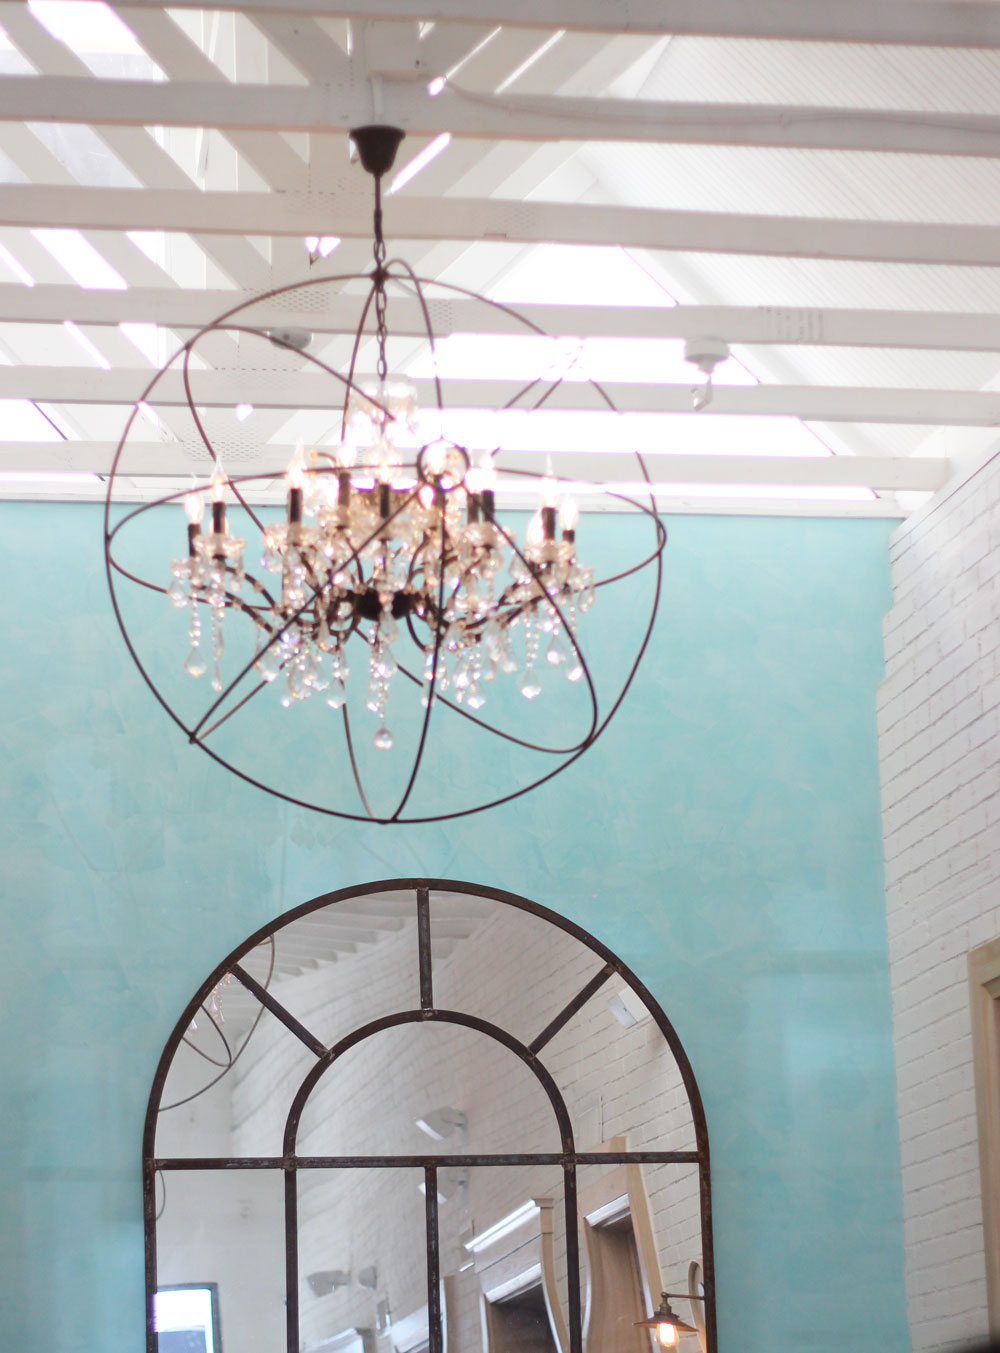 Rustic ball orbit chandelier